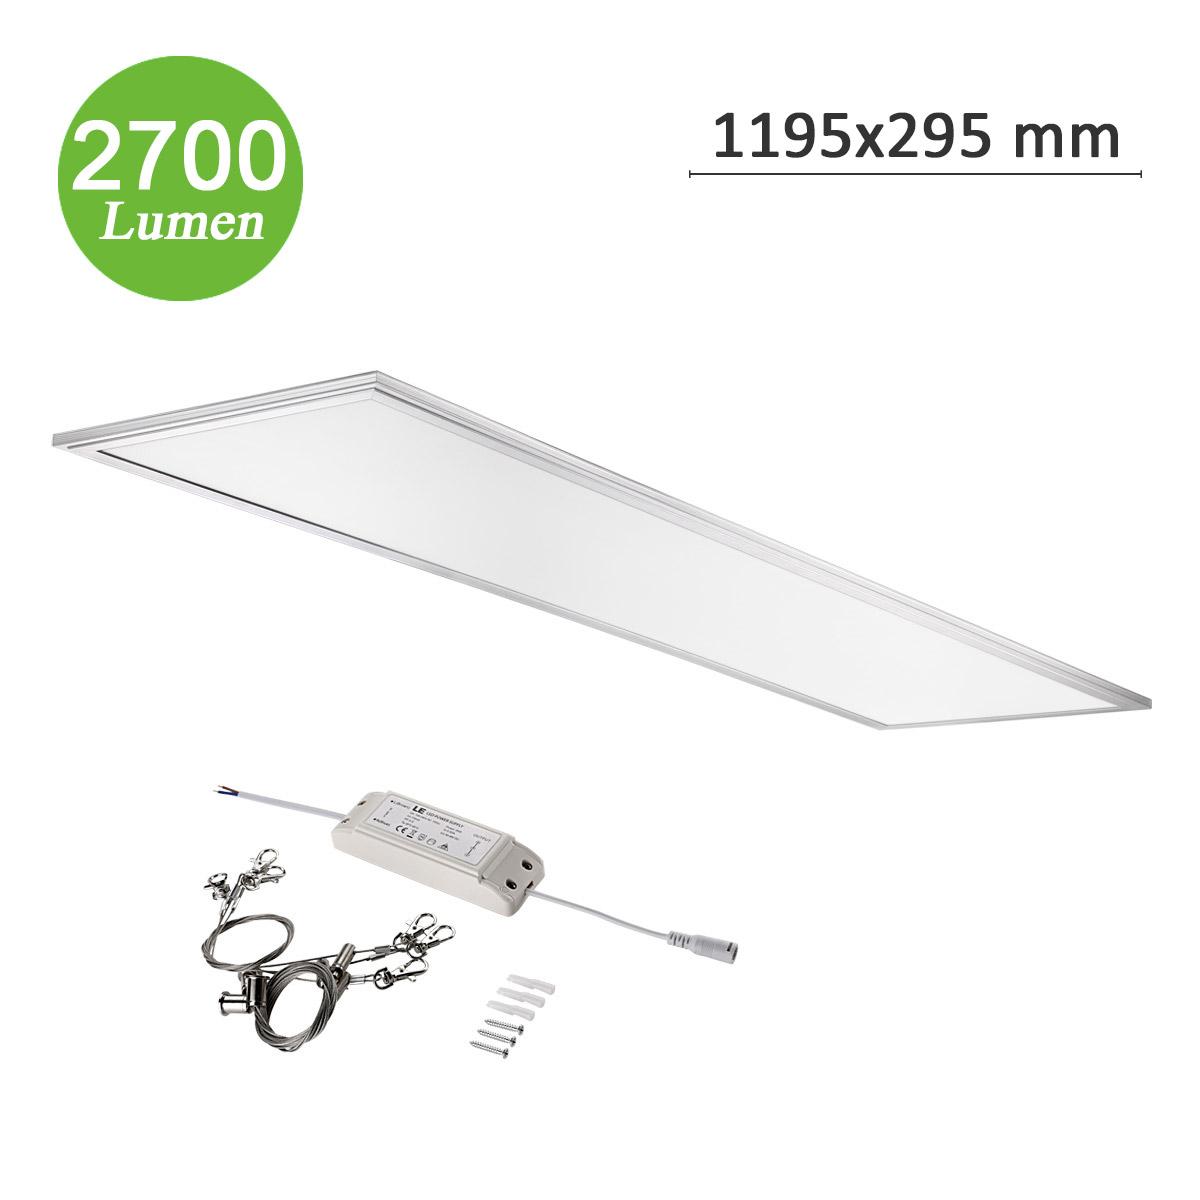 36W Flat LED Panel, 295*1195mm, 2700lm Deckenleuchte, Entspricht 80W Leuchtstoffbirne, Pendelleuchten, Warmweiß